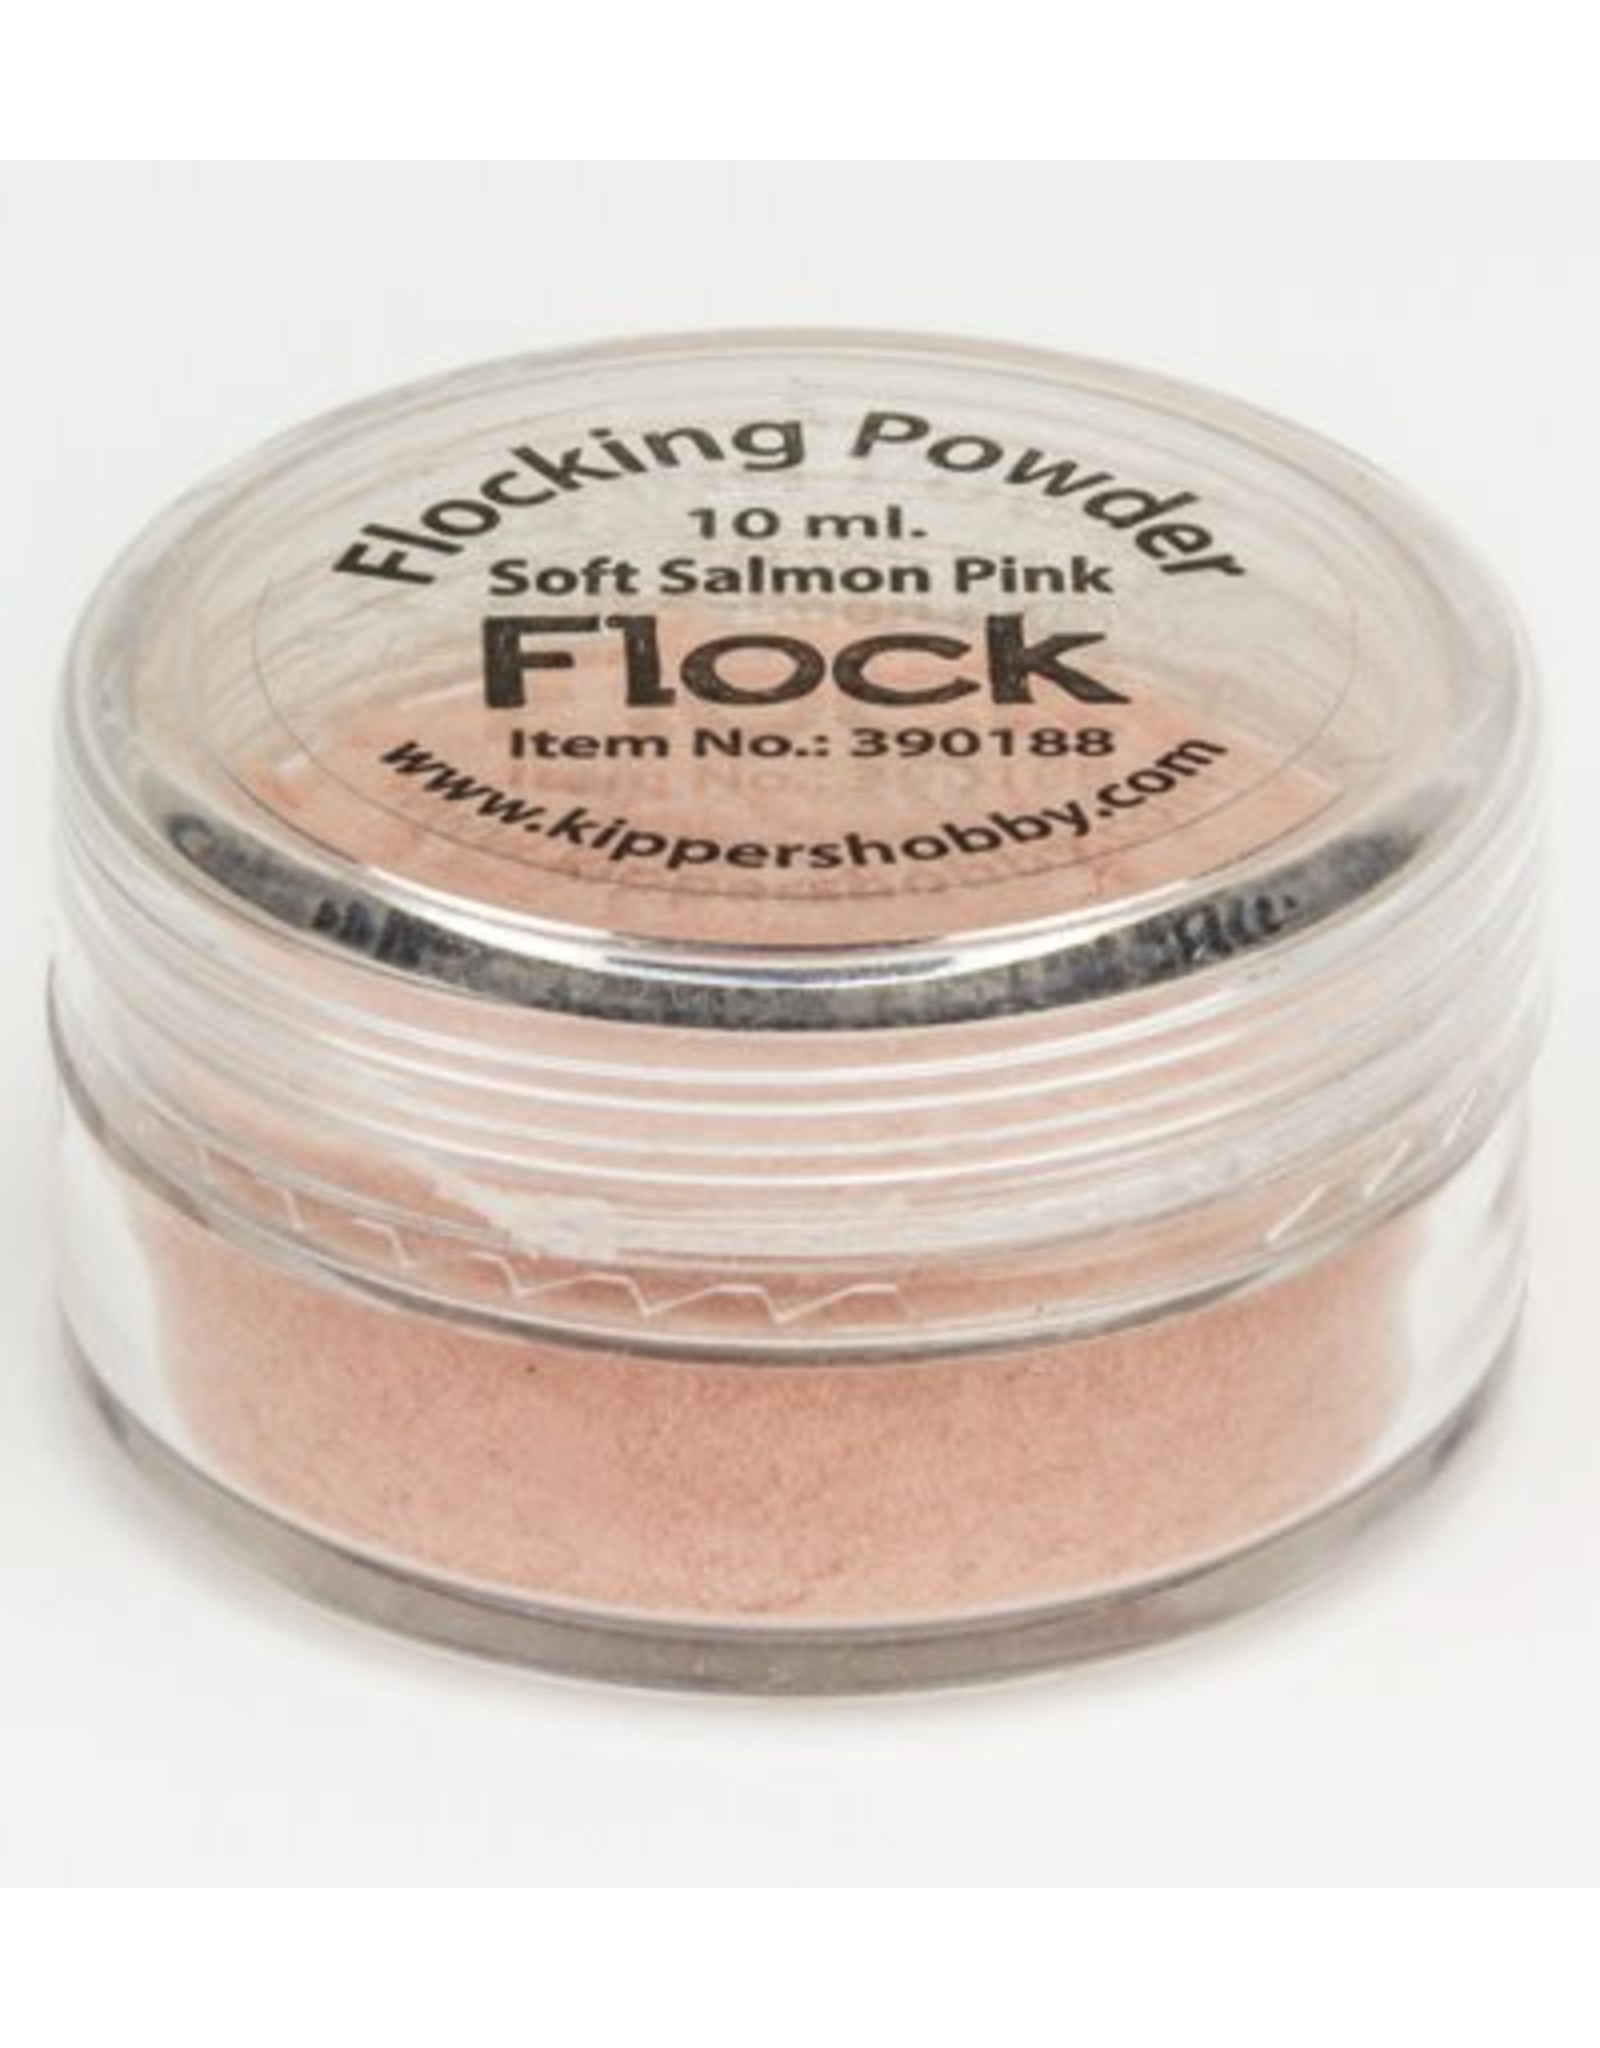 Flocking Powder Soft Salmon Pink